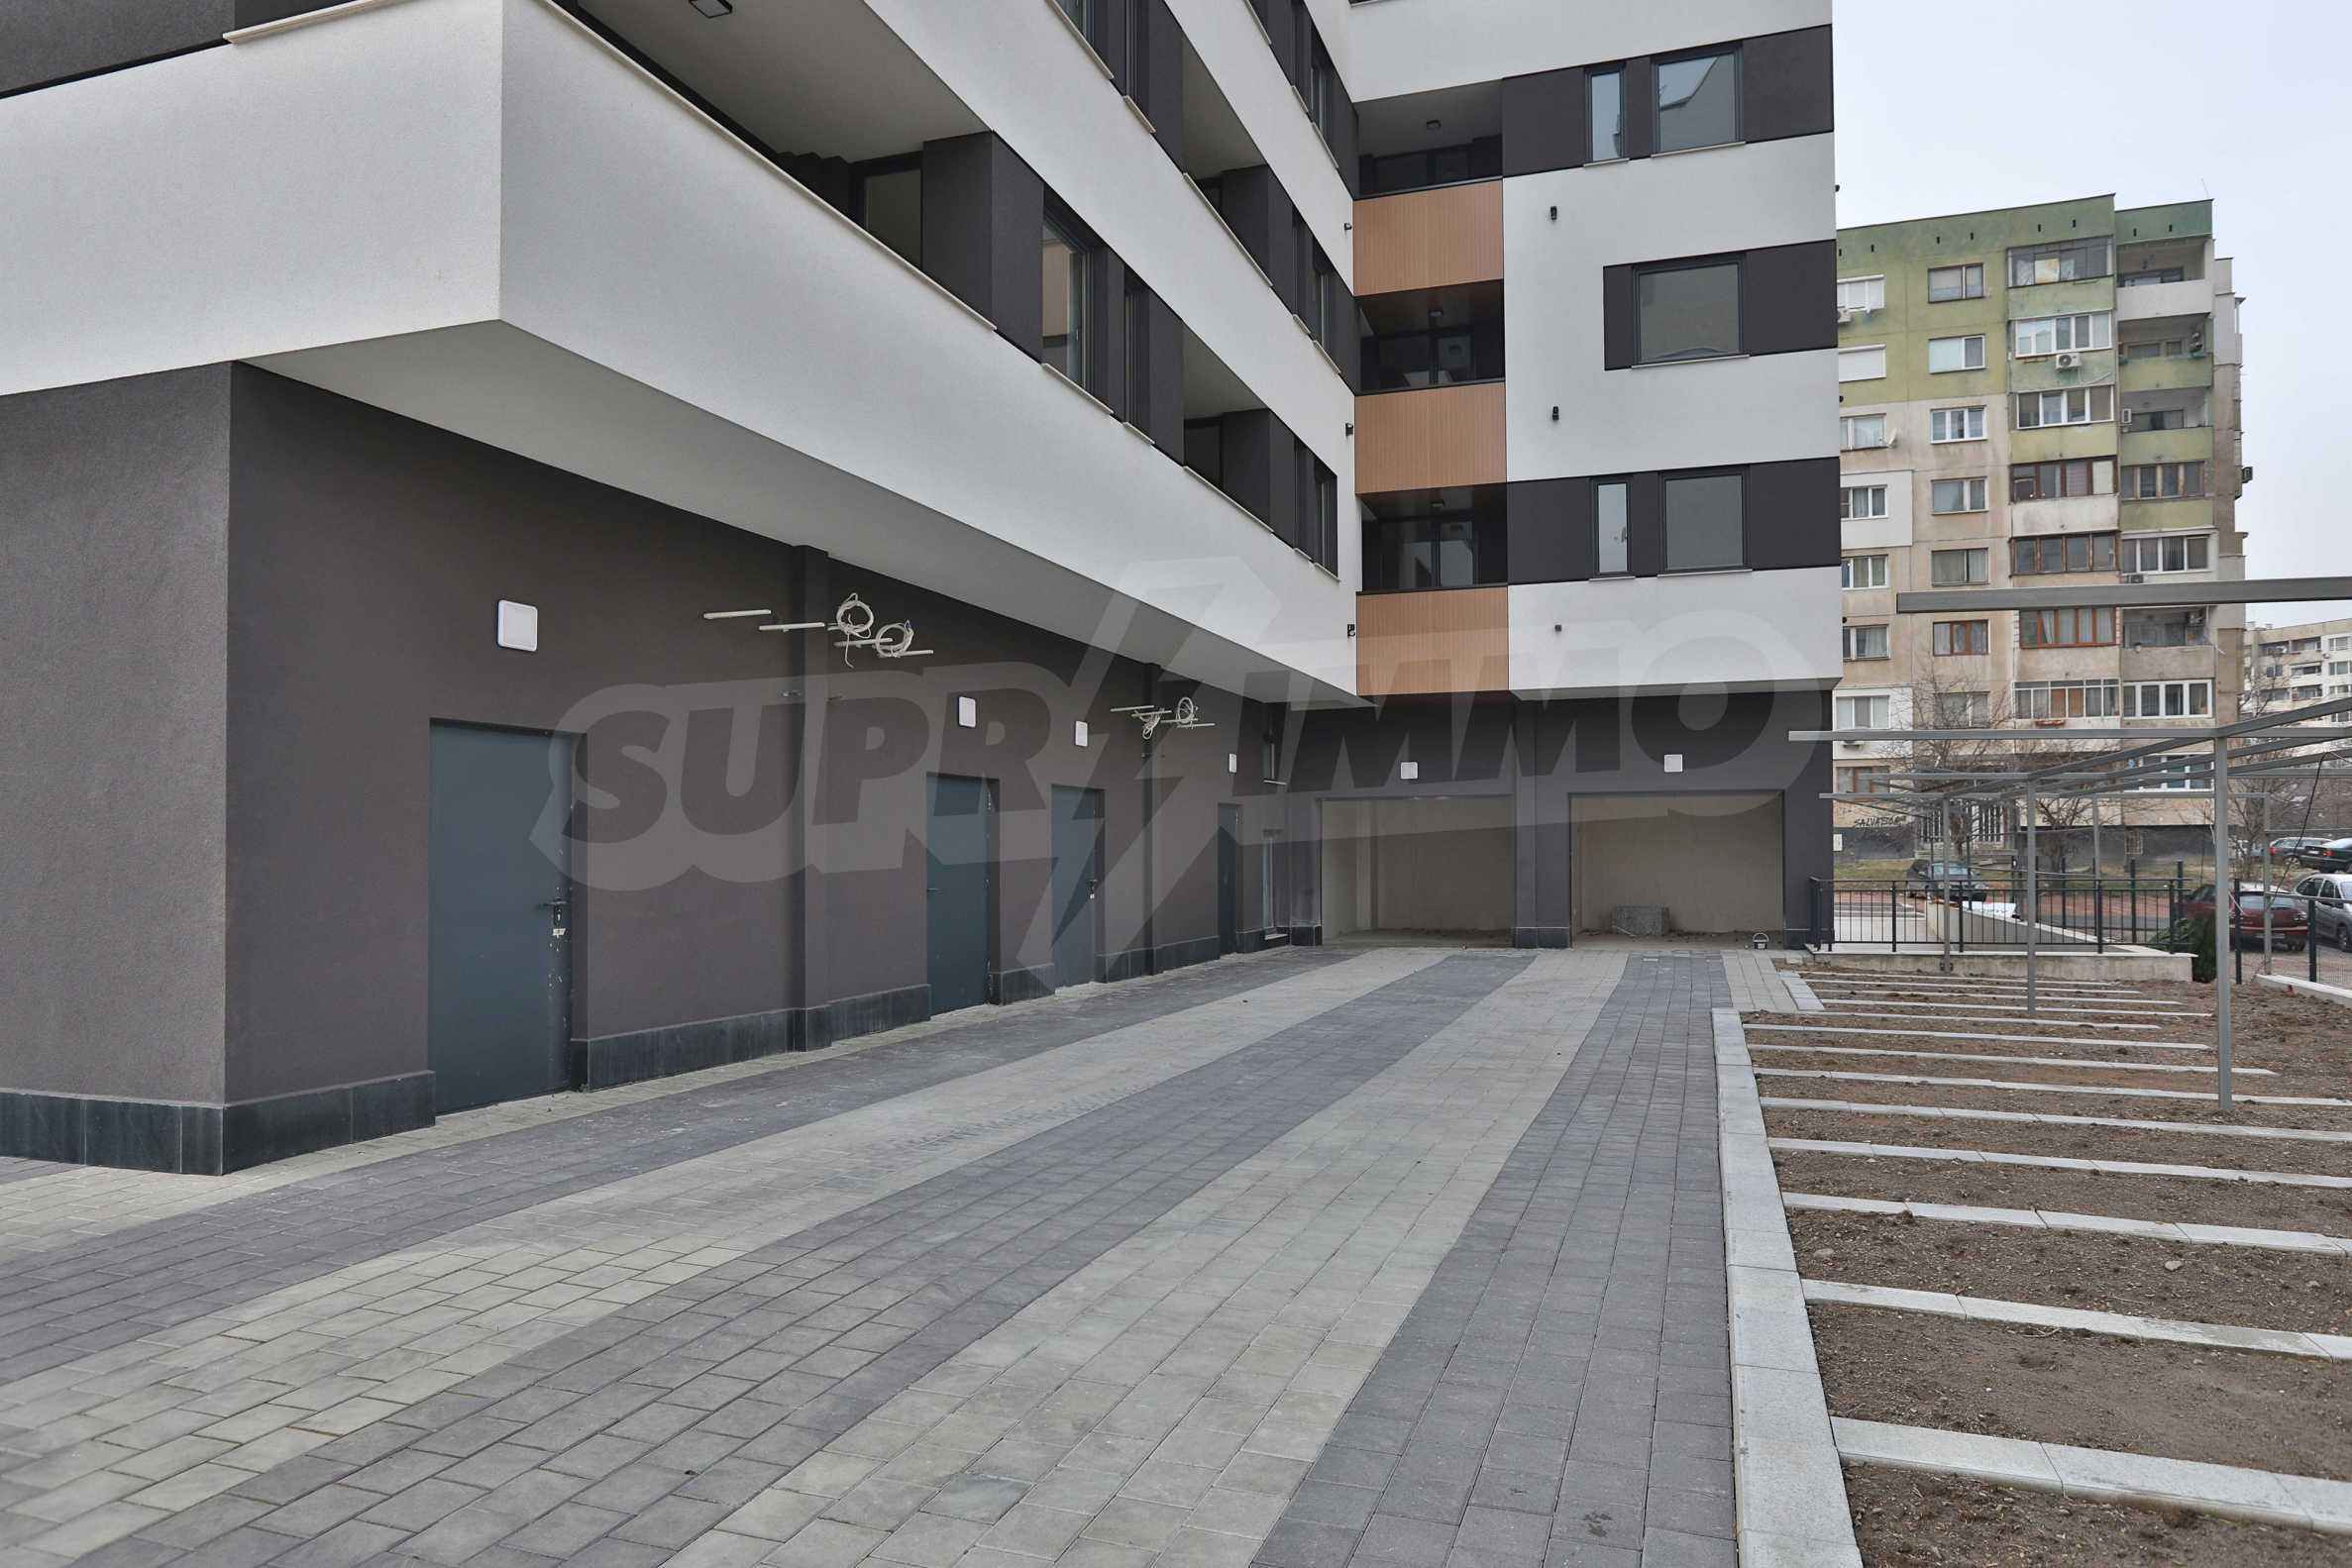 Магазины, гаражи и паркоместа на продажу в новостройке «Комфорт Резиденс - Овча Купел» рядом с метро 14